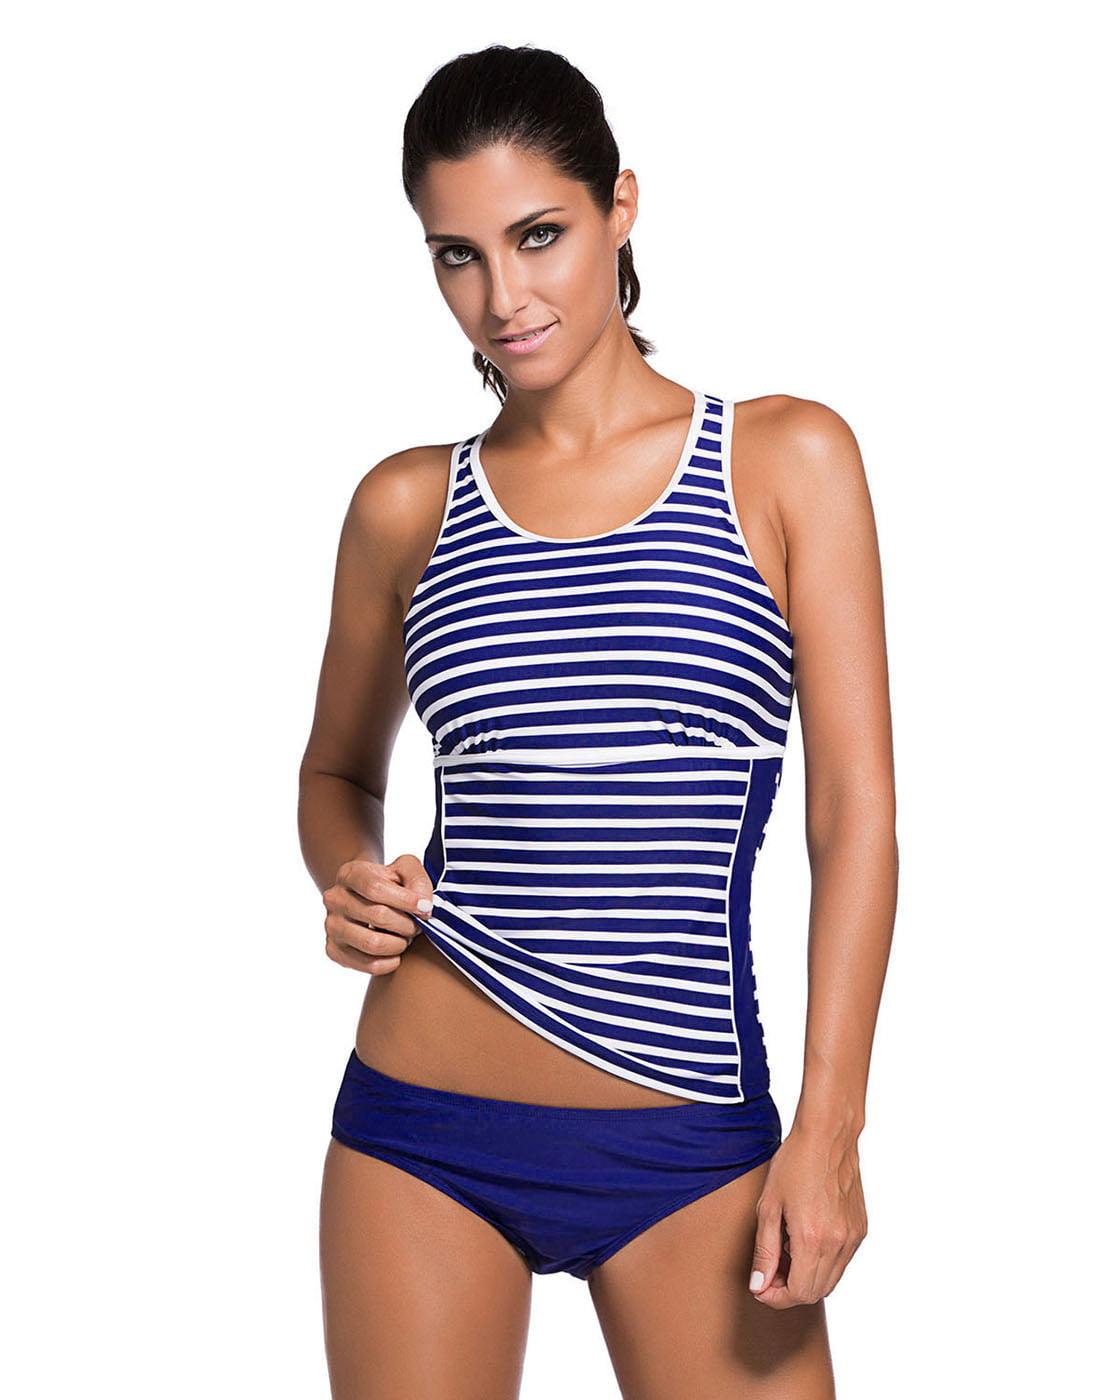 HDE Racerback Tankini Women's Striped Two Piece Bathing Suit Open Back Swimsuit